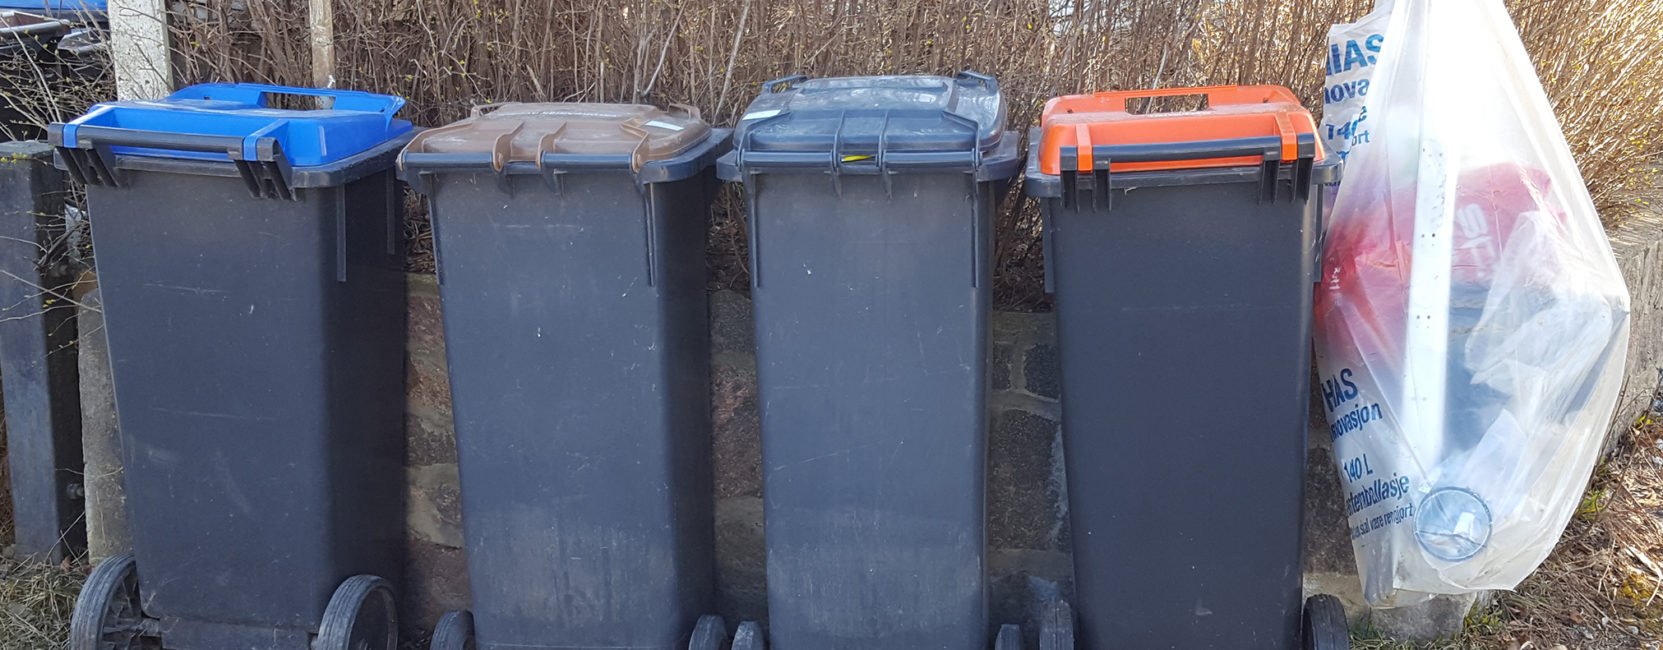 Fire søppeldunker med forskjellig farge på lokket, og en plastsekk.